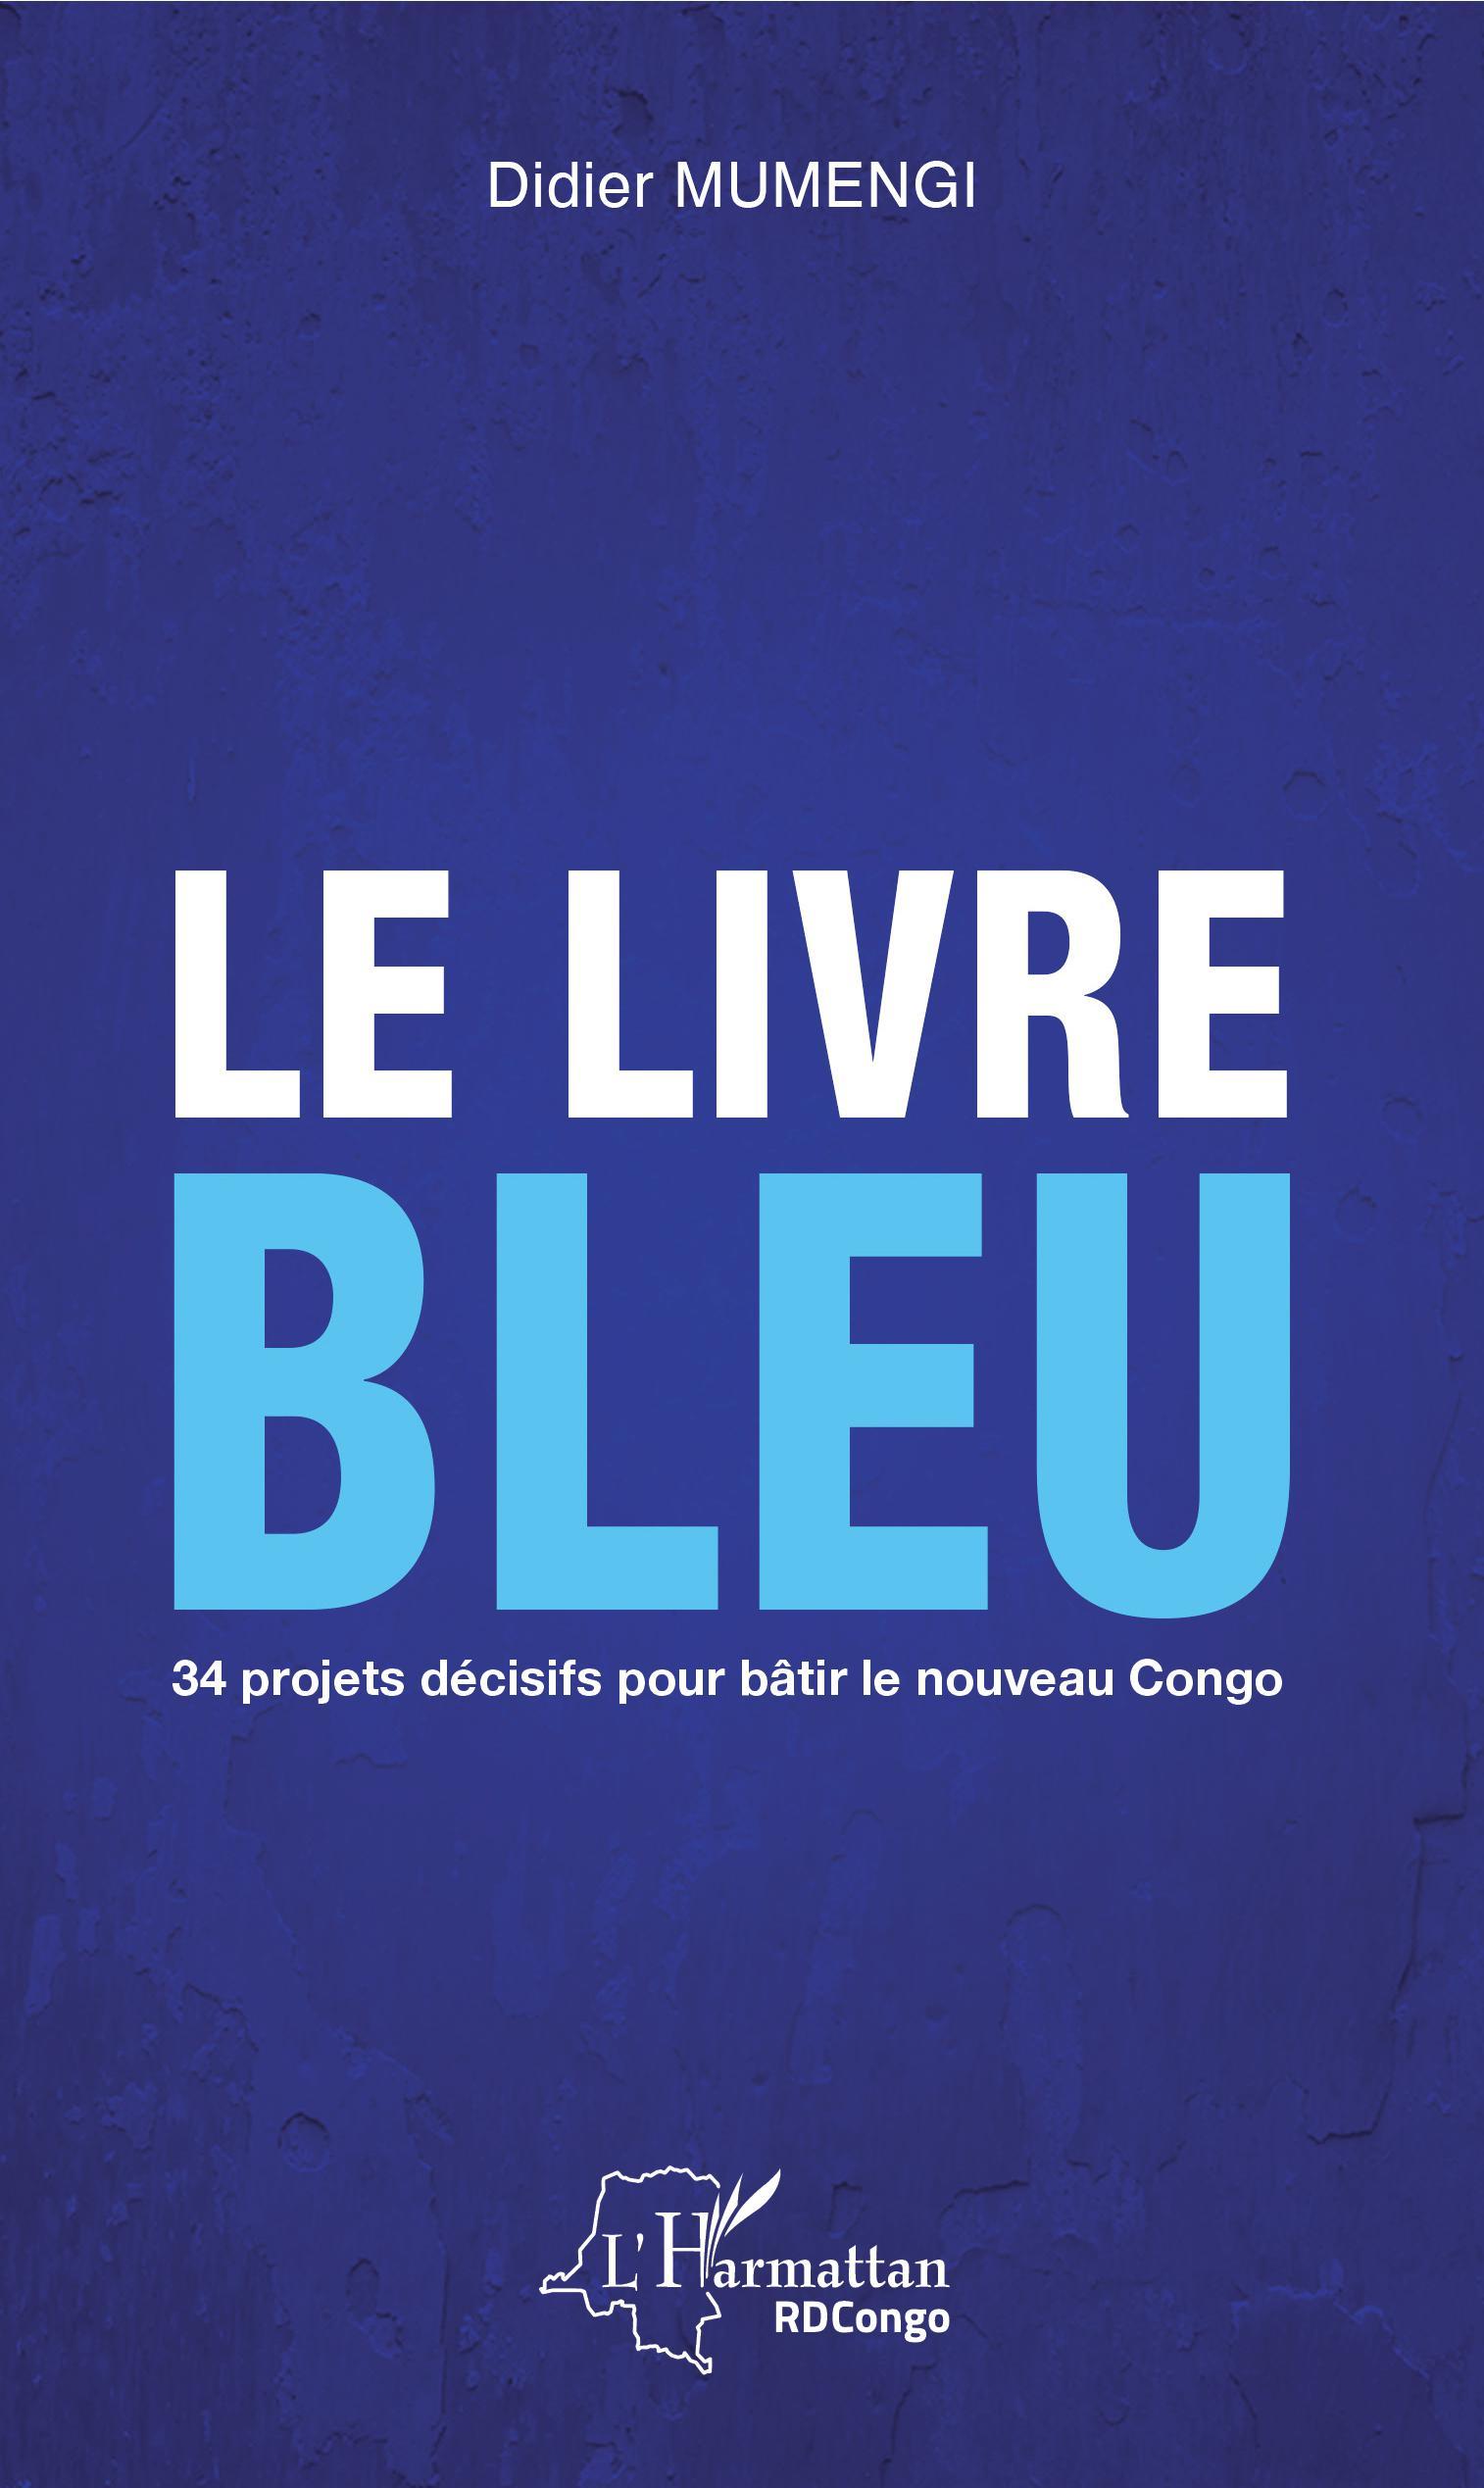 Le Livre Bleu 34 Projets Decisifs Pour Batir Le Nouveau Congo Didier Mumengi Livre Ebook Epub